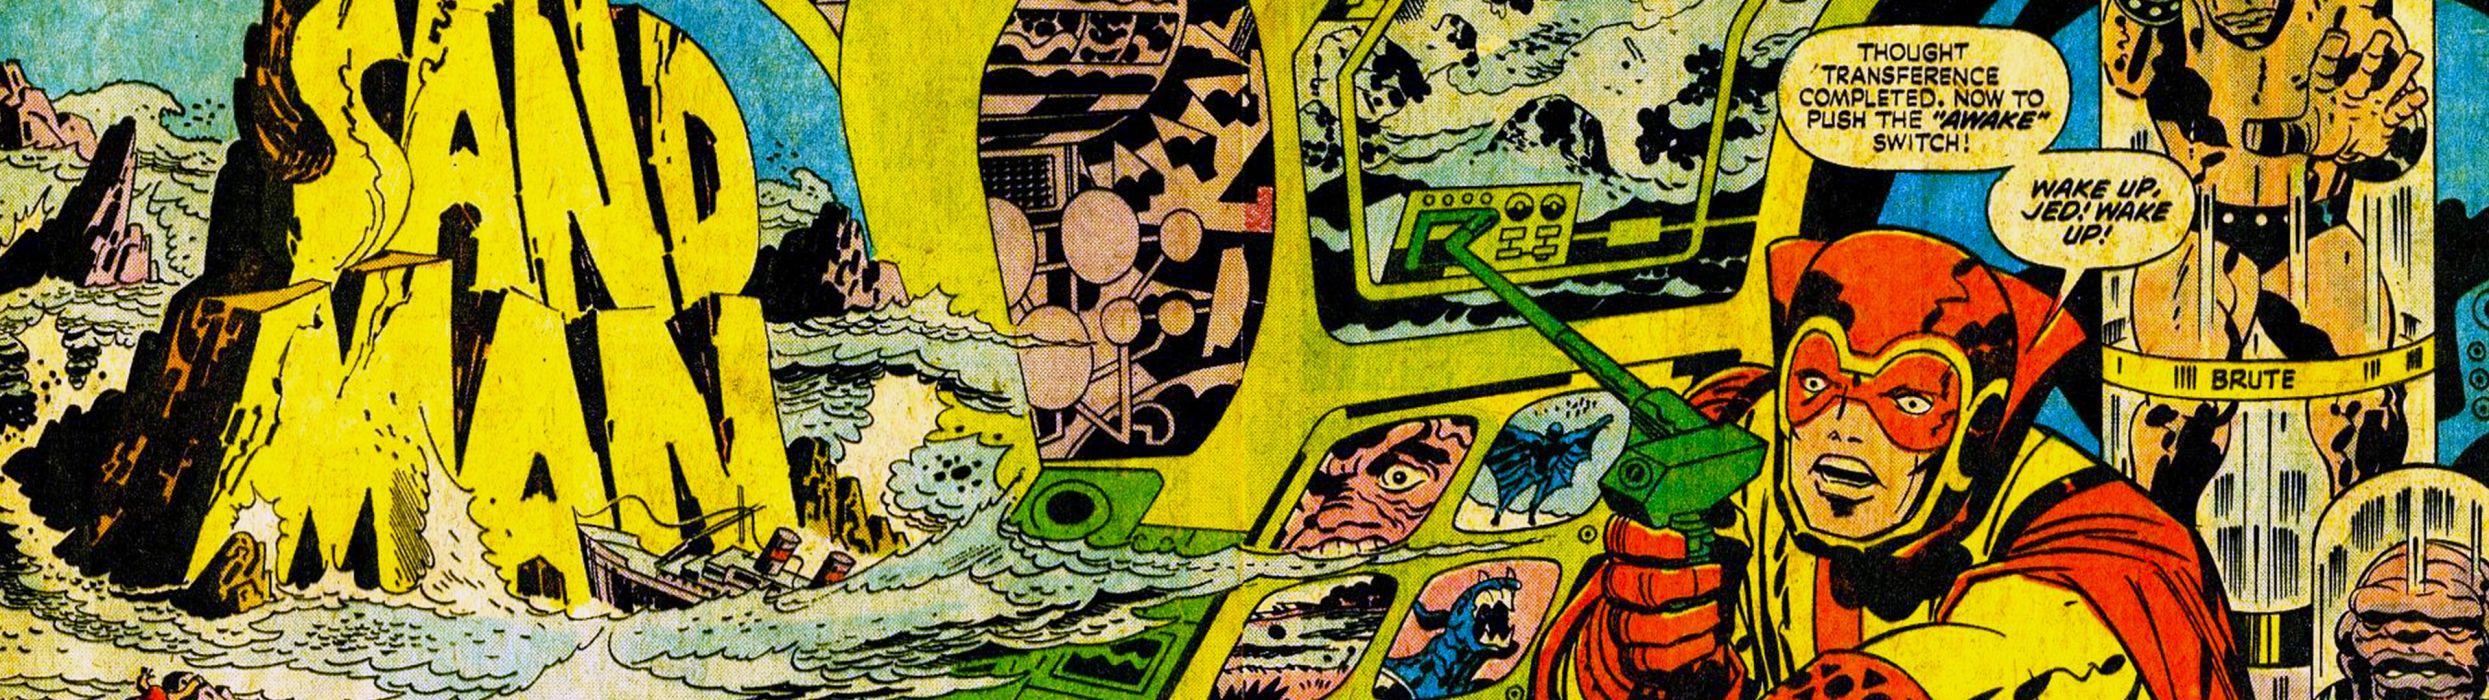 sandman superhero dual multi wallpaper